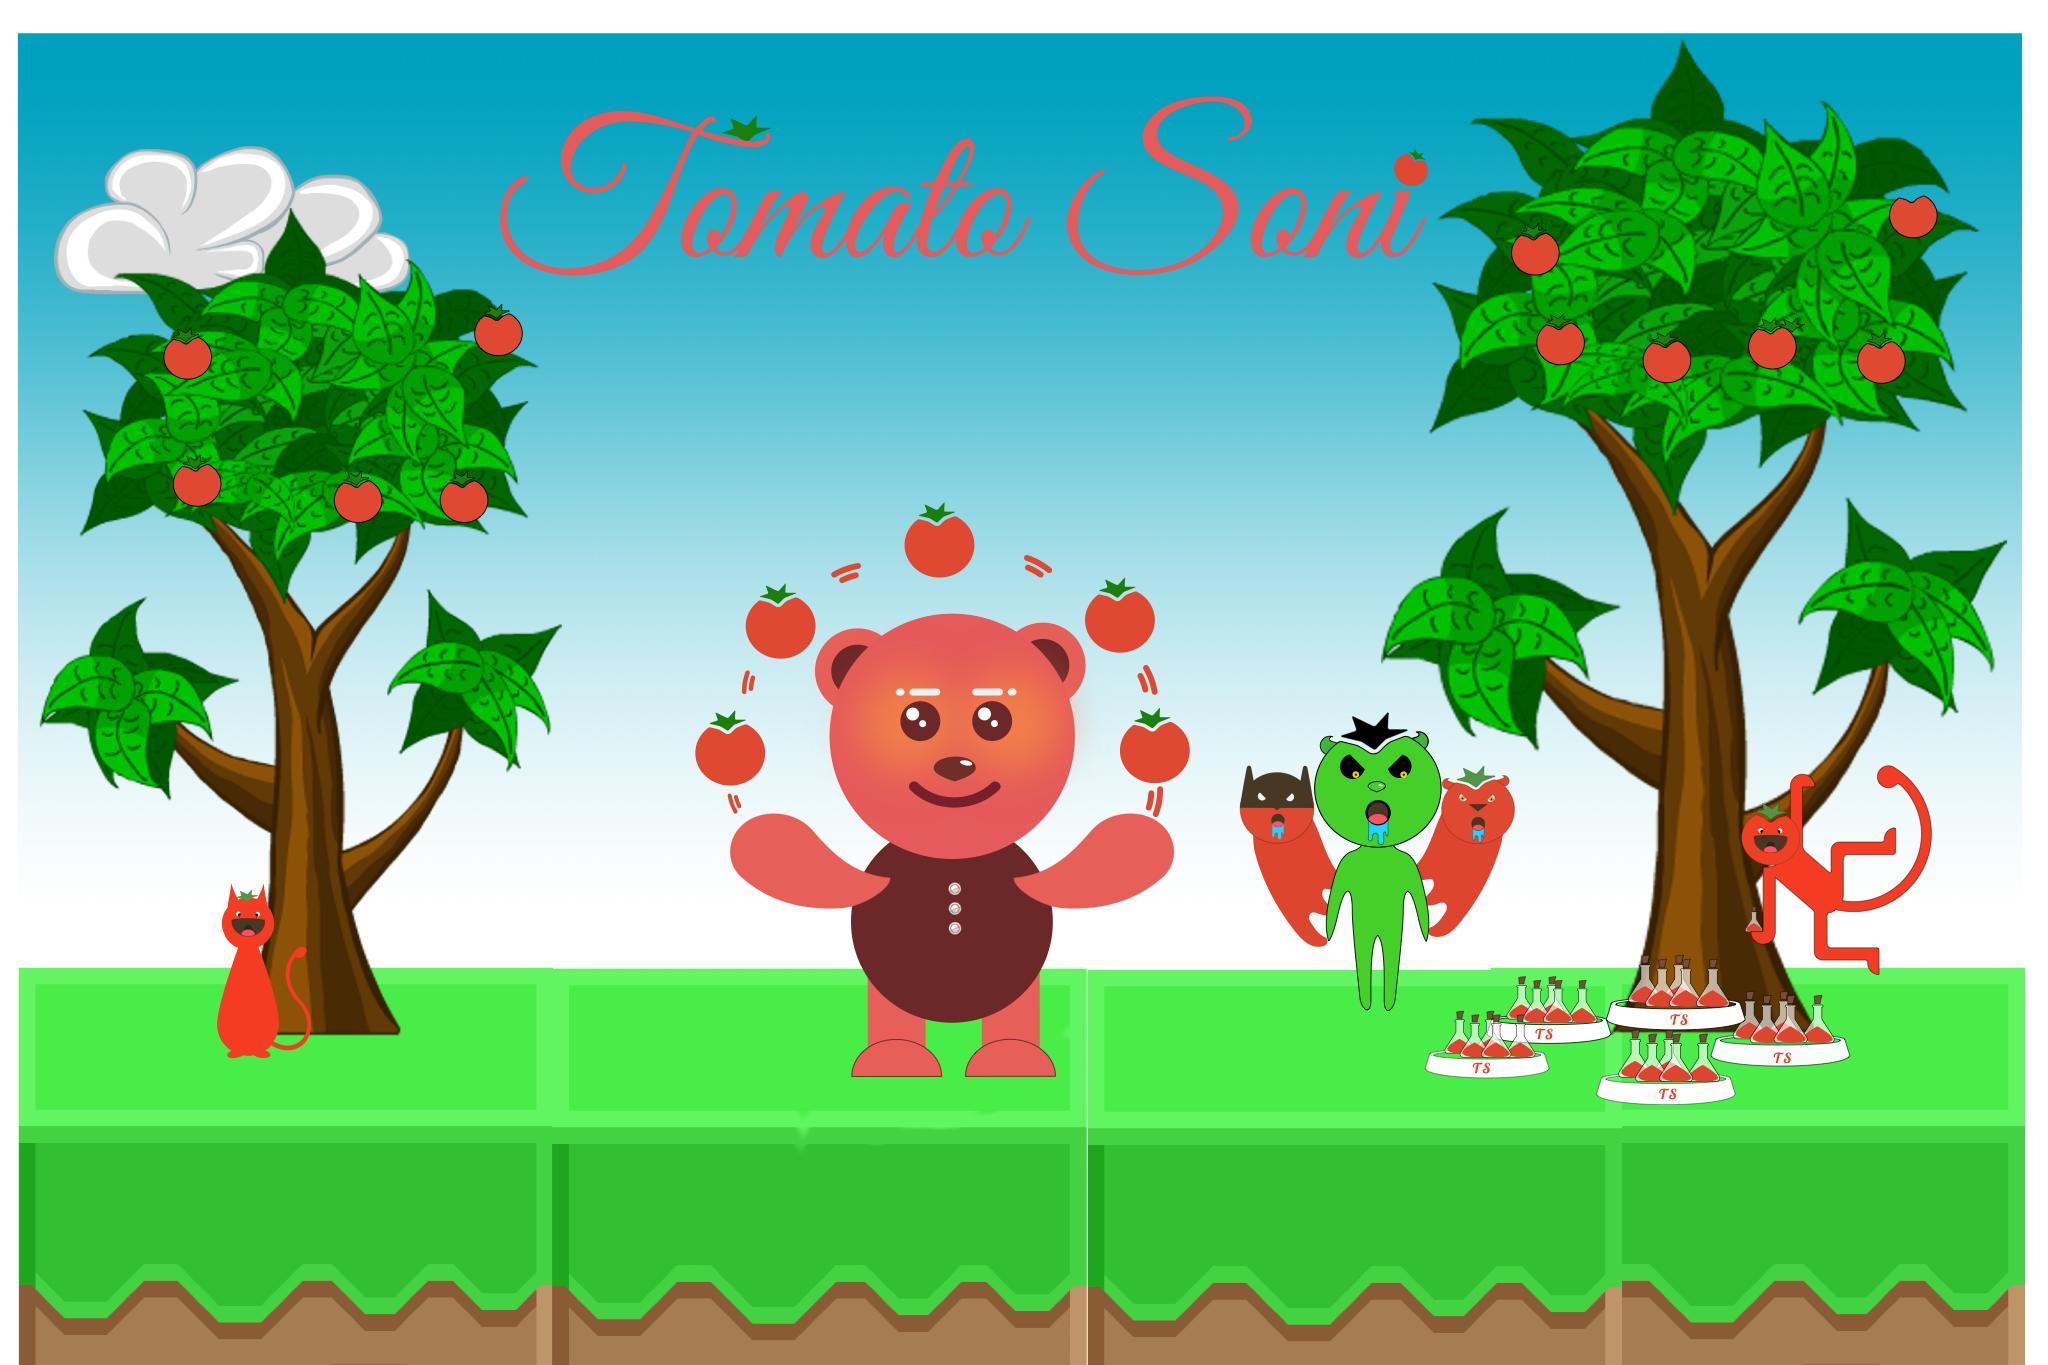 Tomato Soni